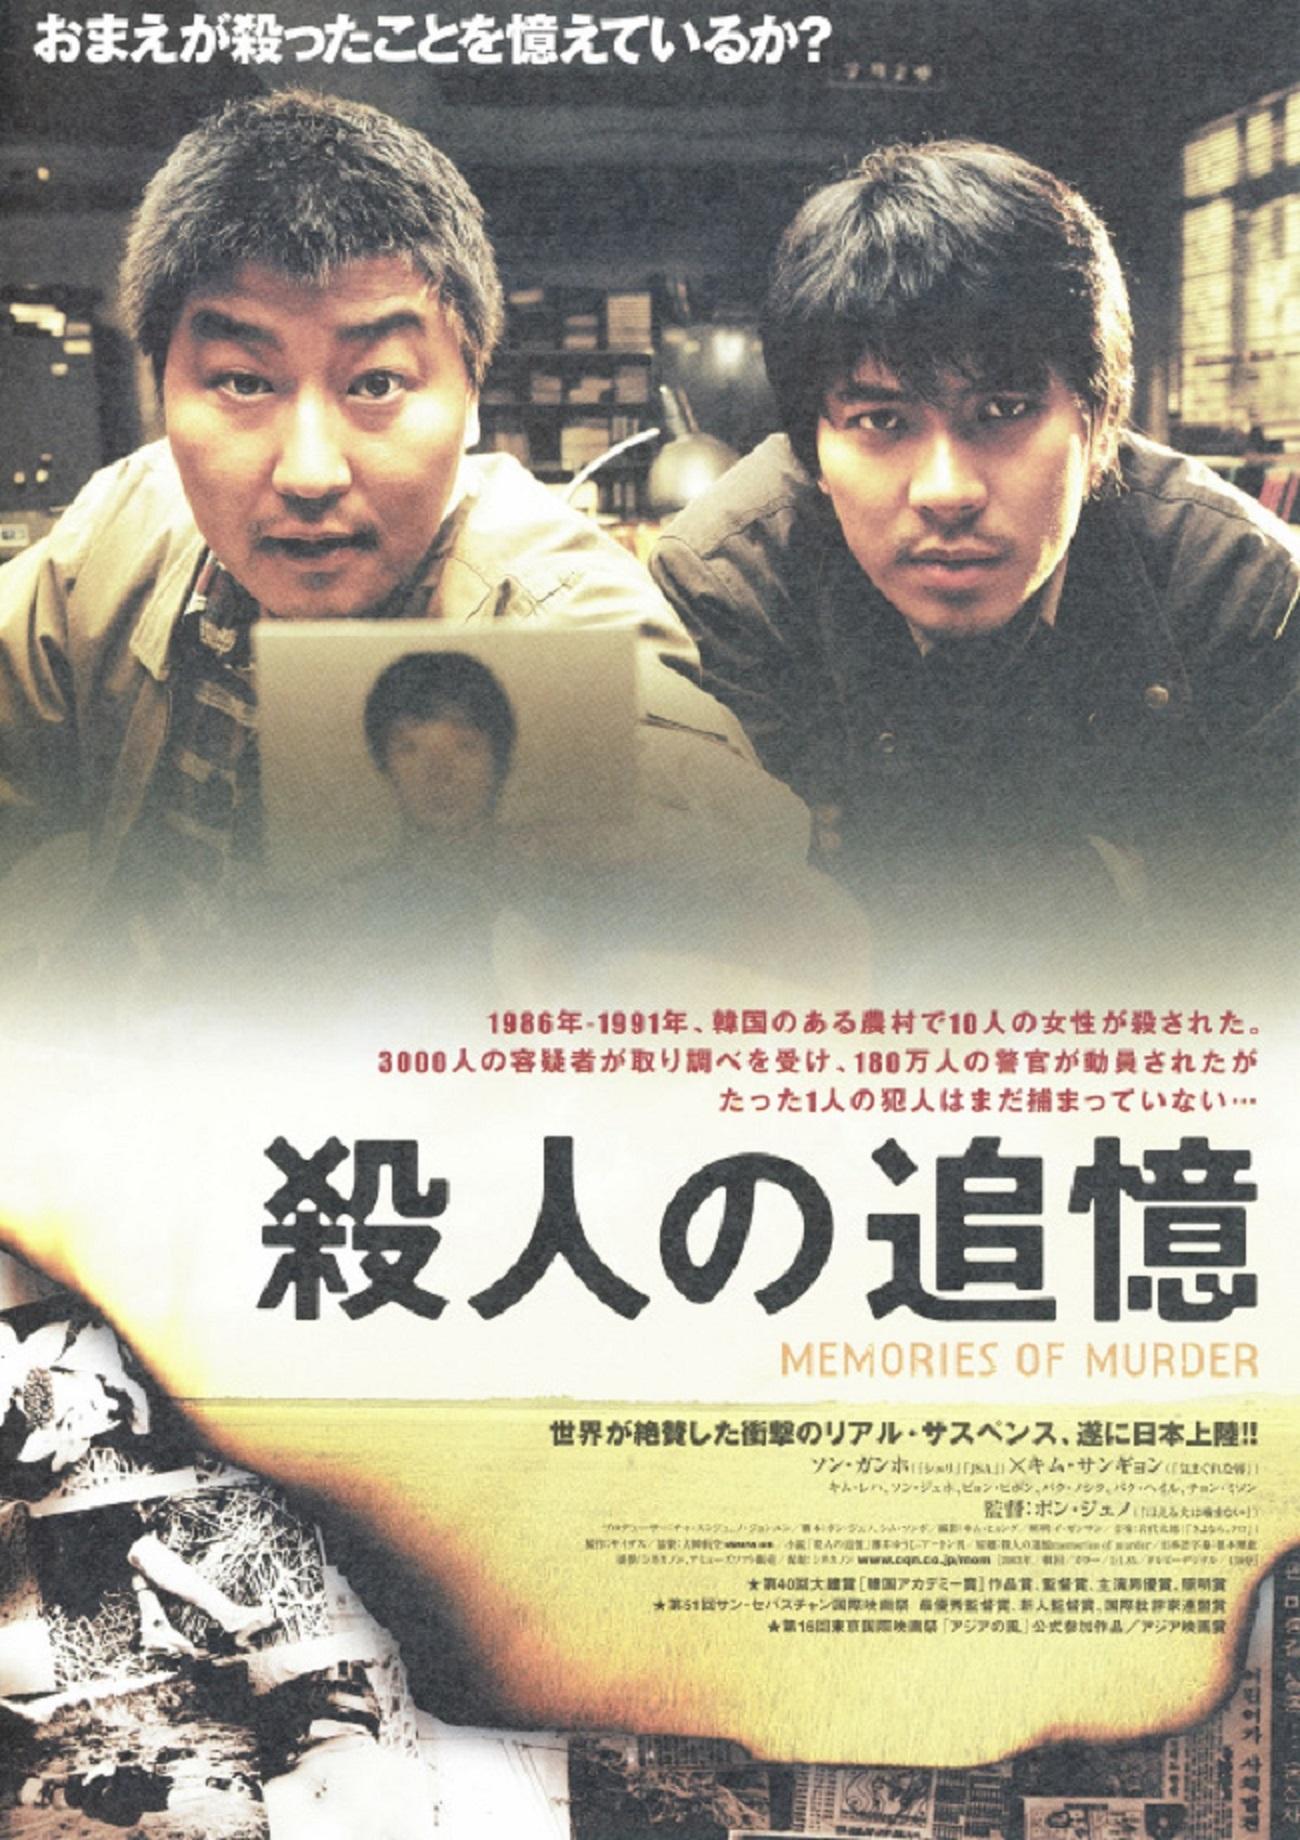 映画『殺人の追憶』のチラシポスター